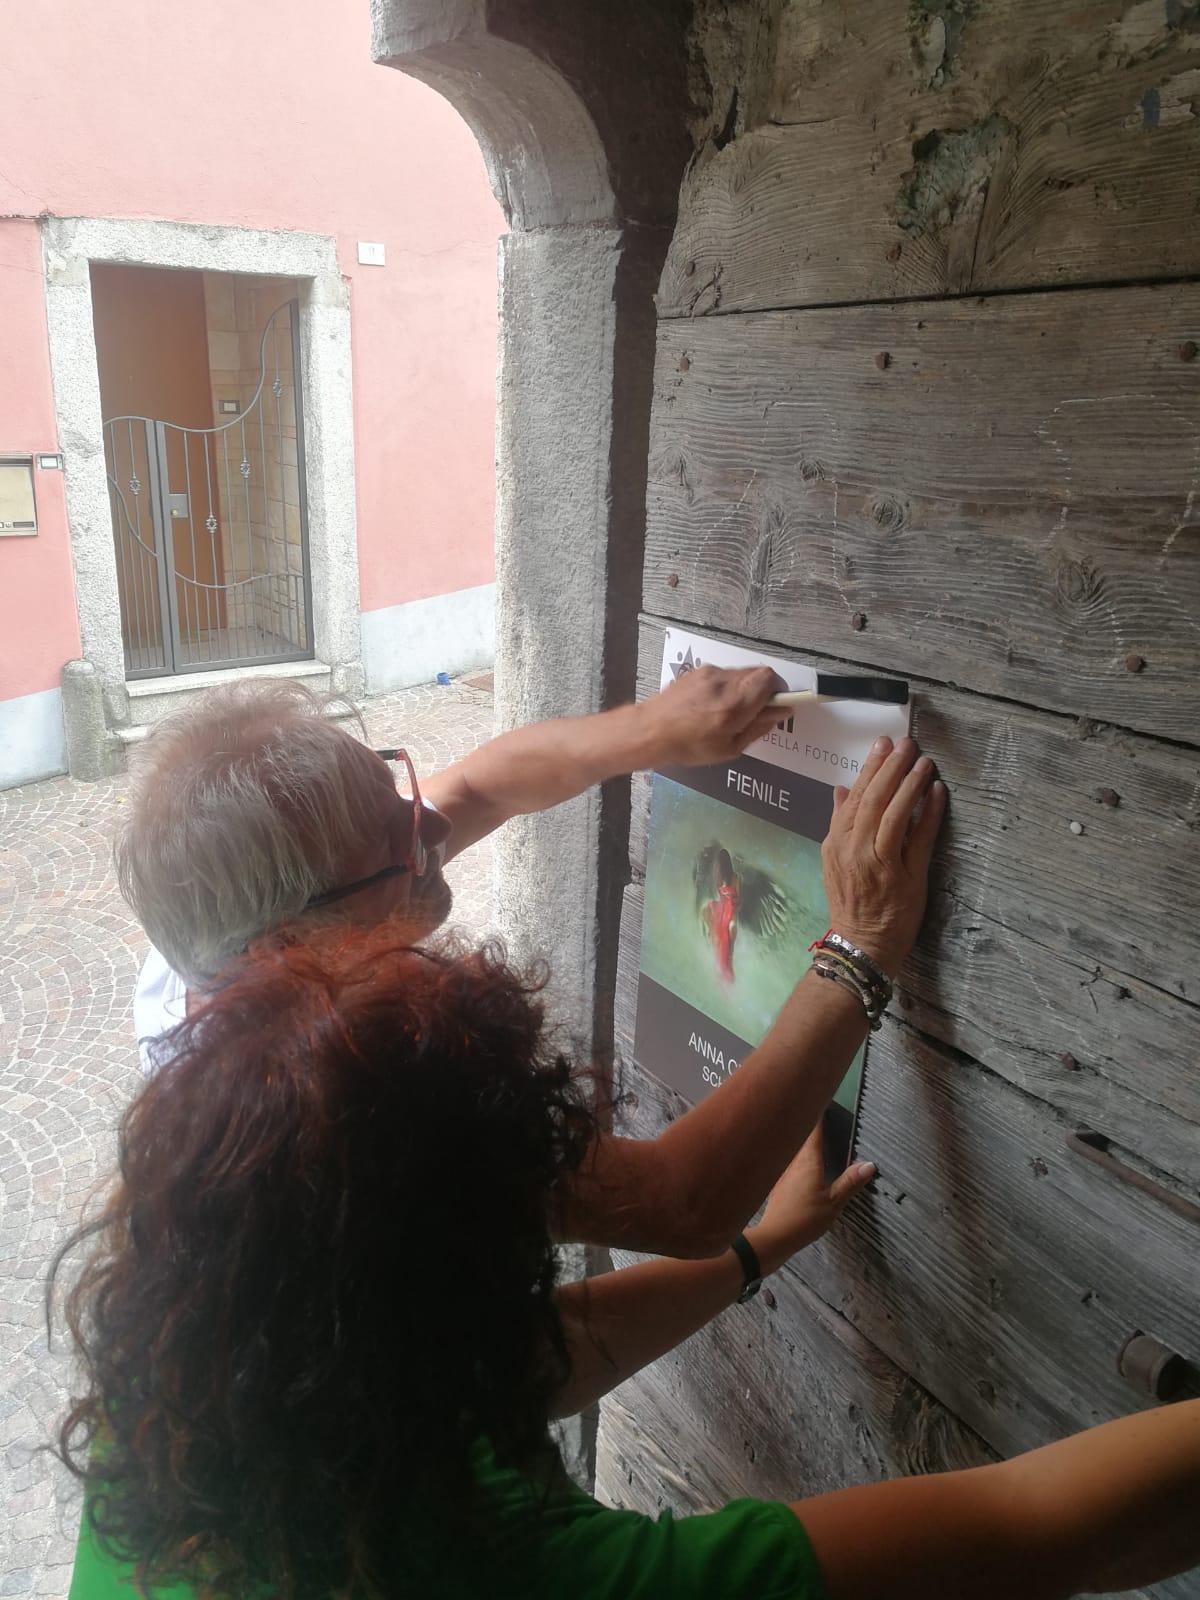 SEGNI Festival della Fotografia 2021 - Valle Camonica - allestimenti